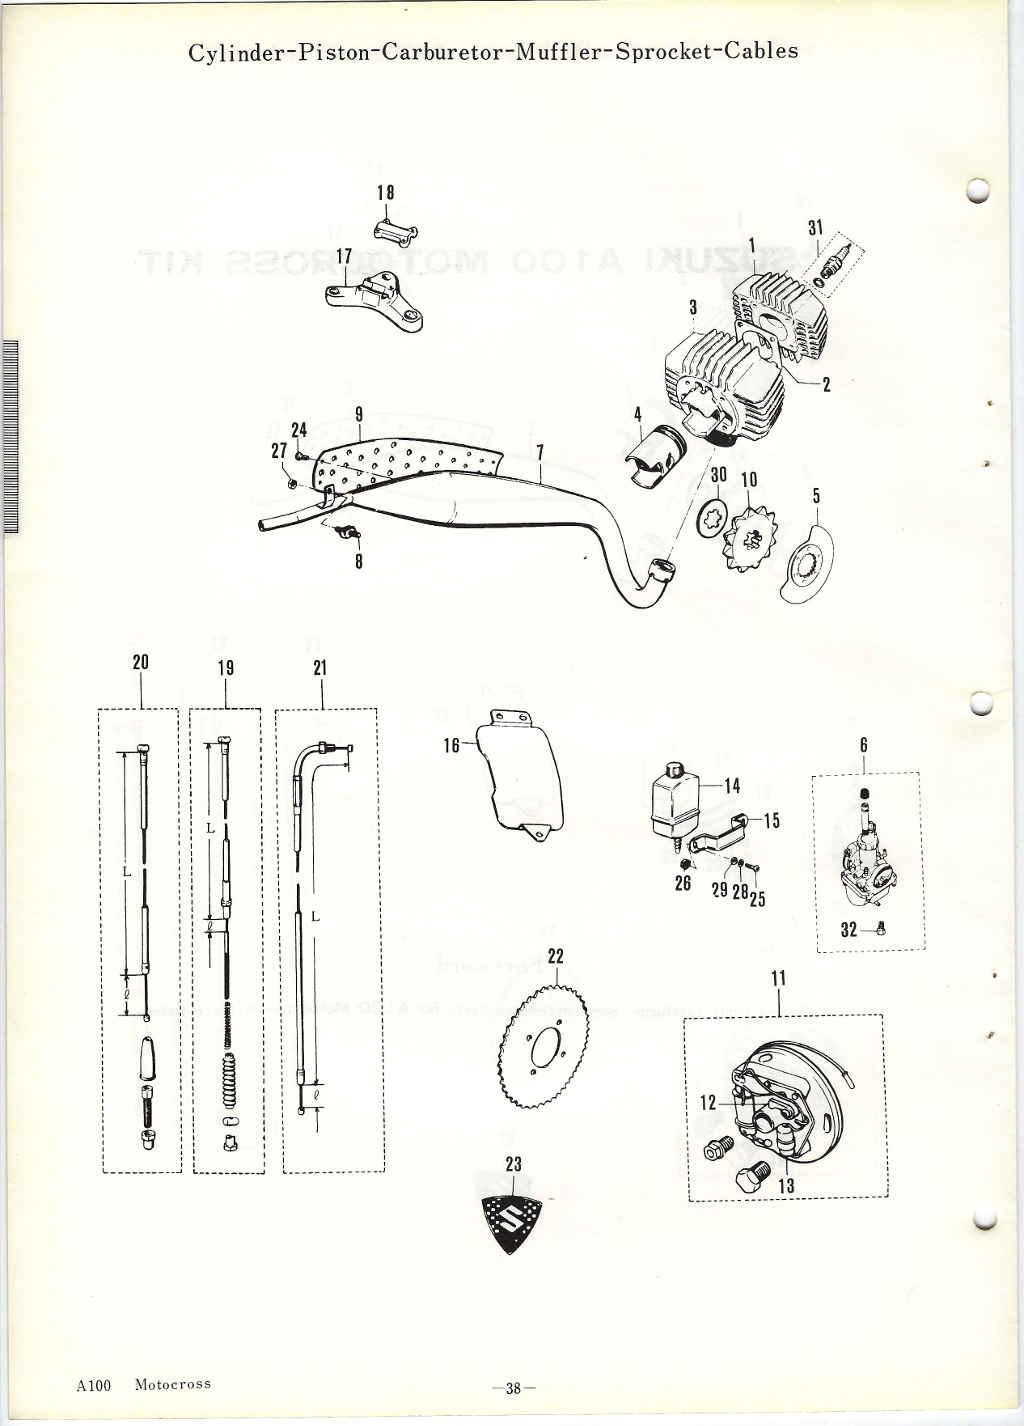 Suzuki A100 Wiring Diagram Images